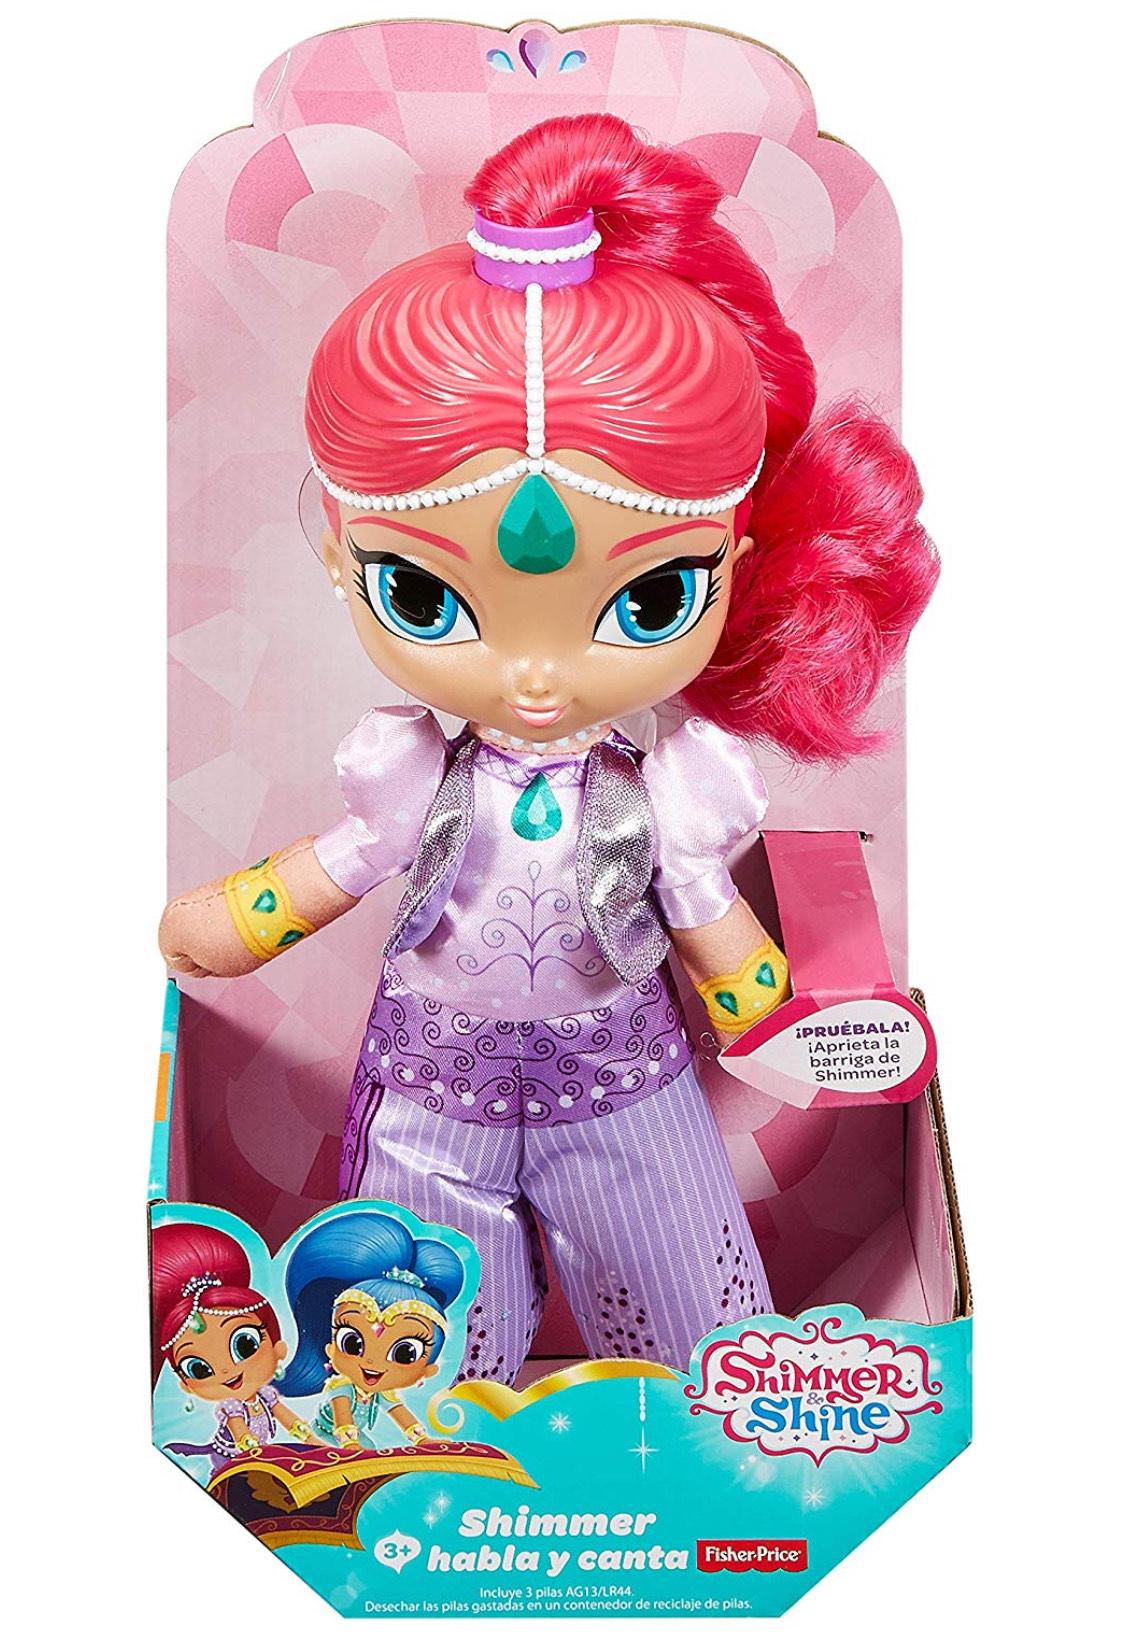 Shimmer y Shine Genio Shimmer habla y canta, muñeca con sonidos